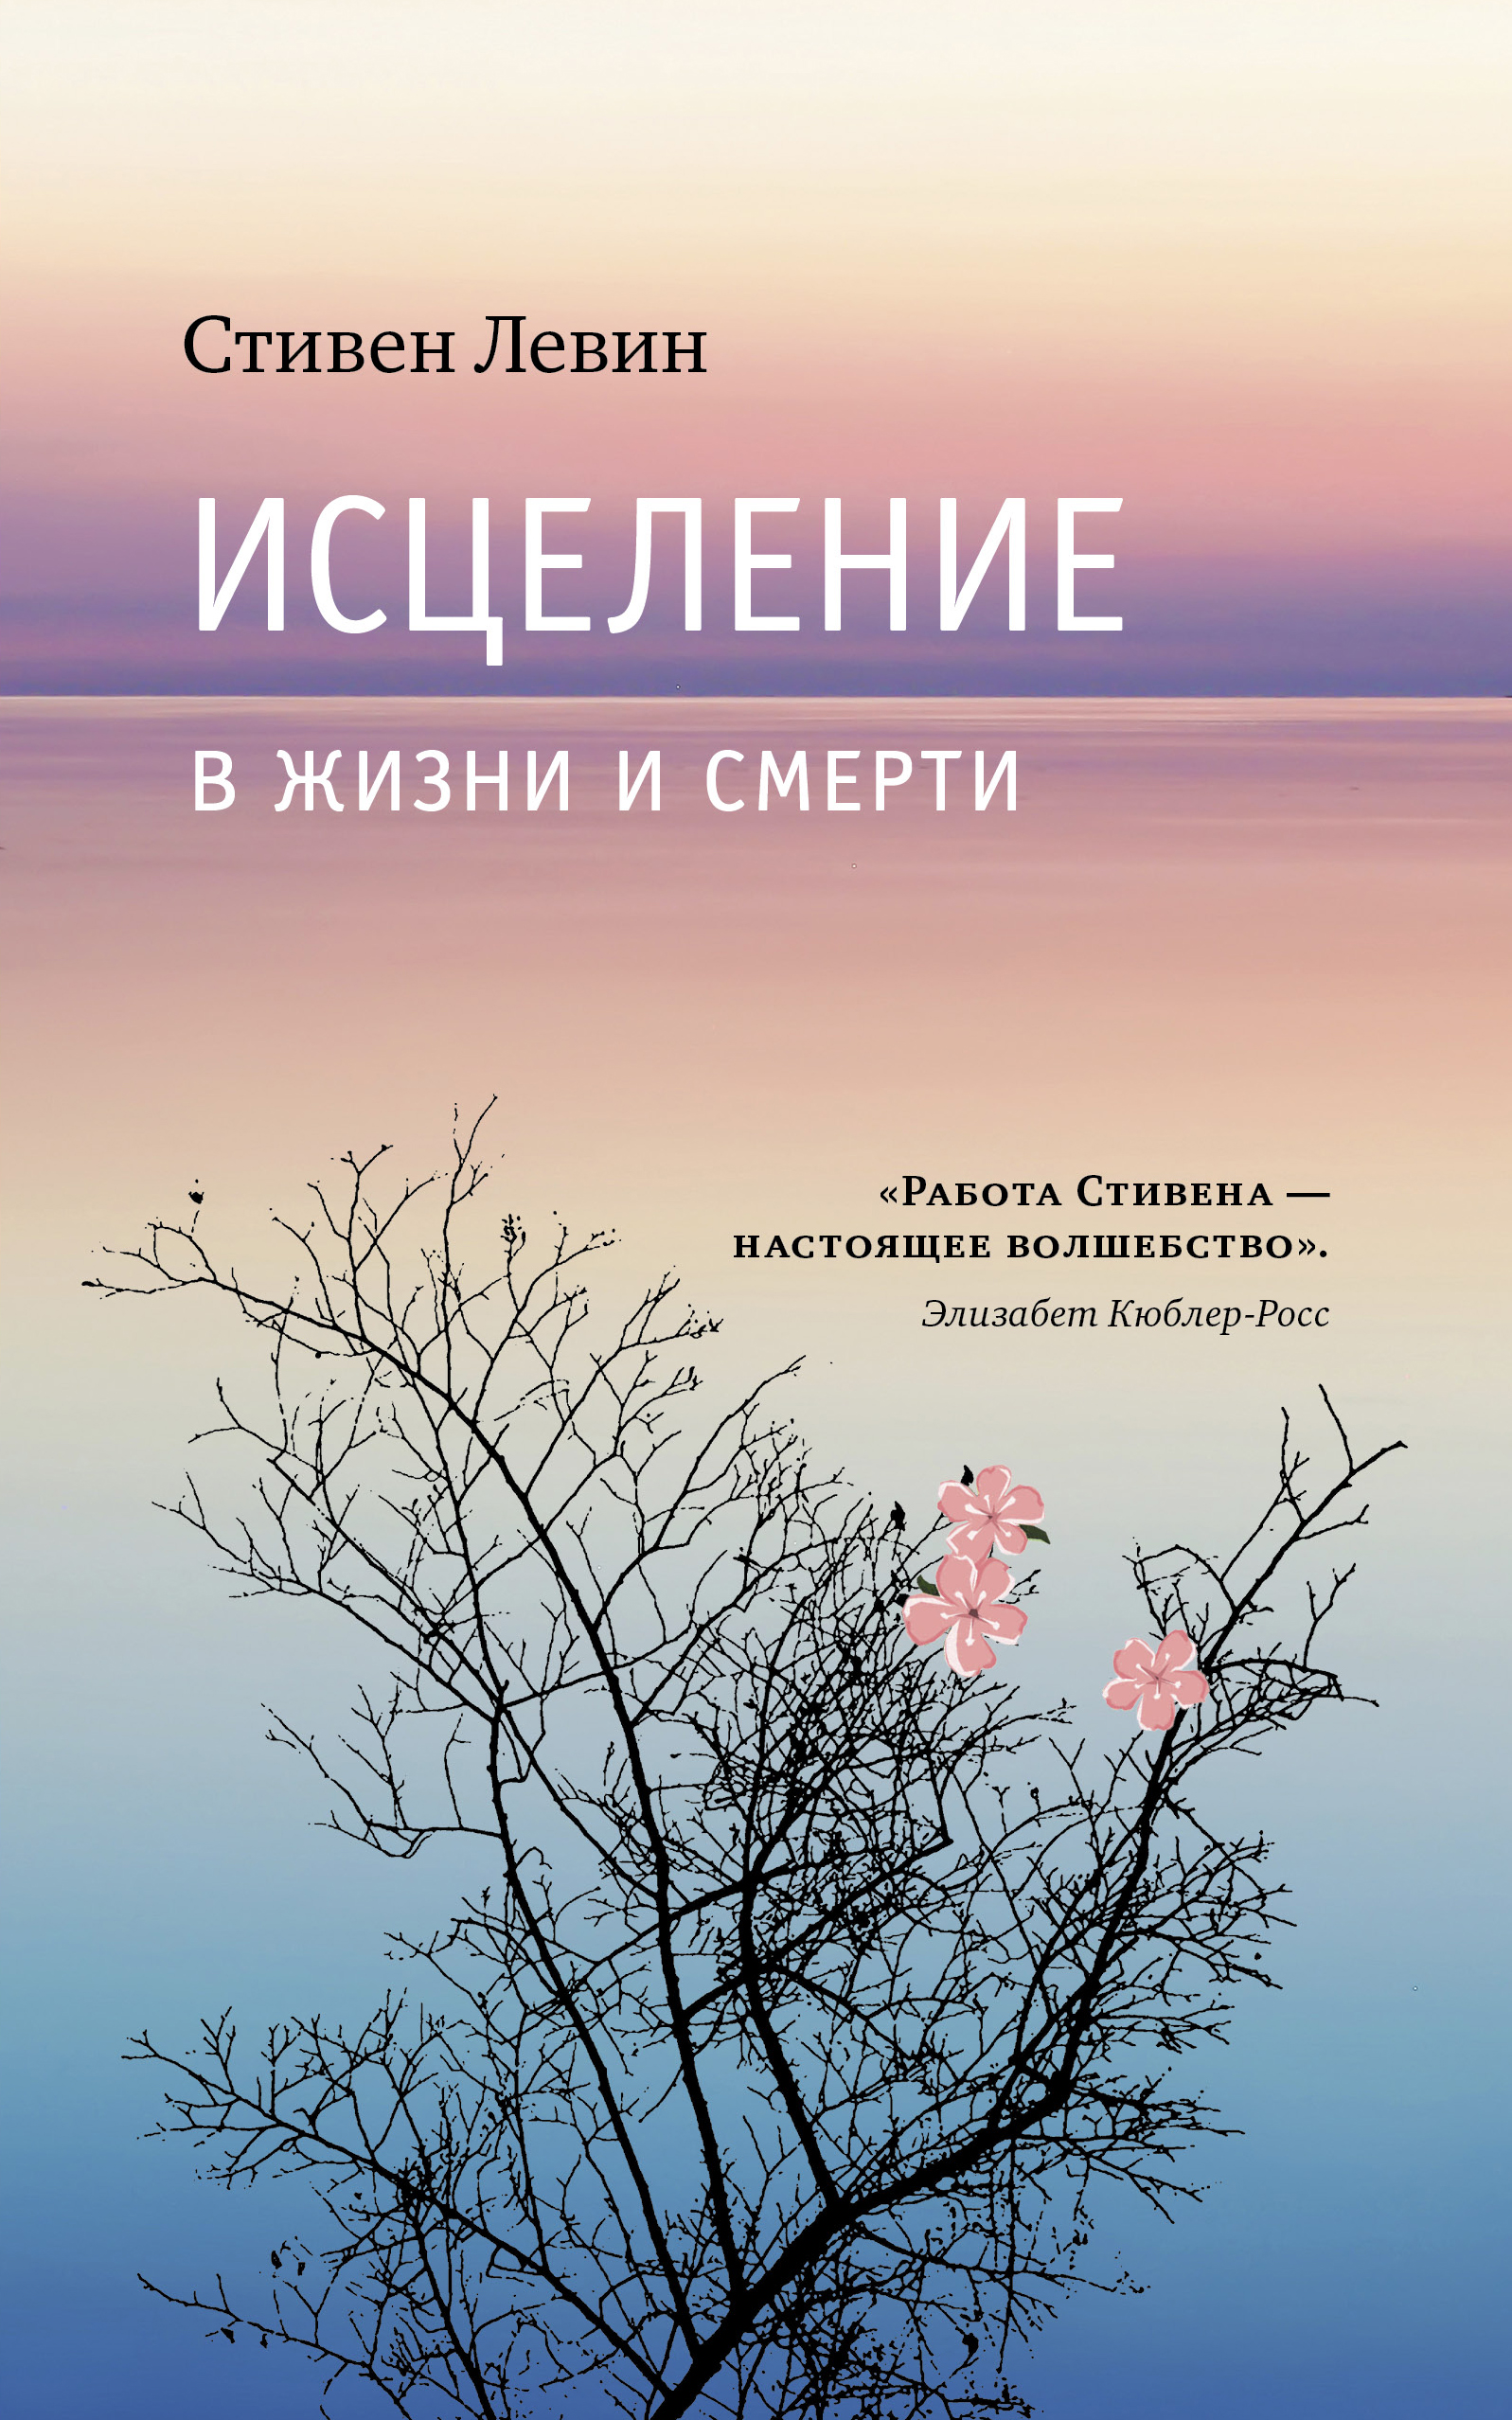 Стивен Левин Исцеление в жизни и смерти